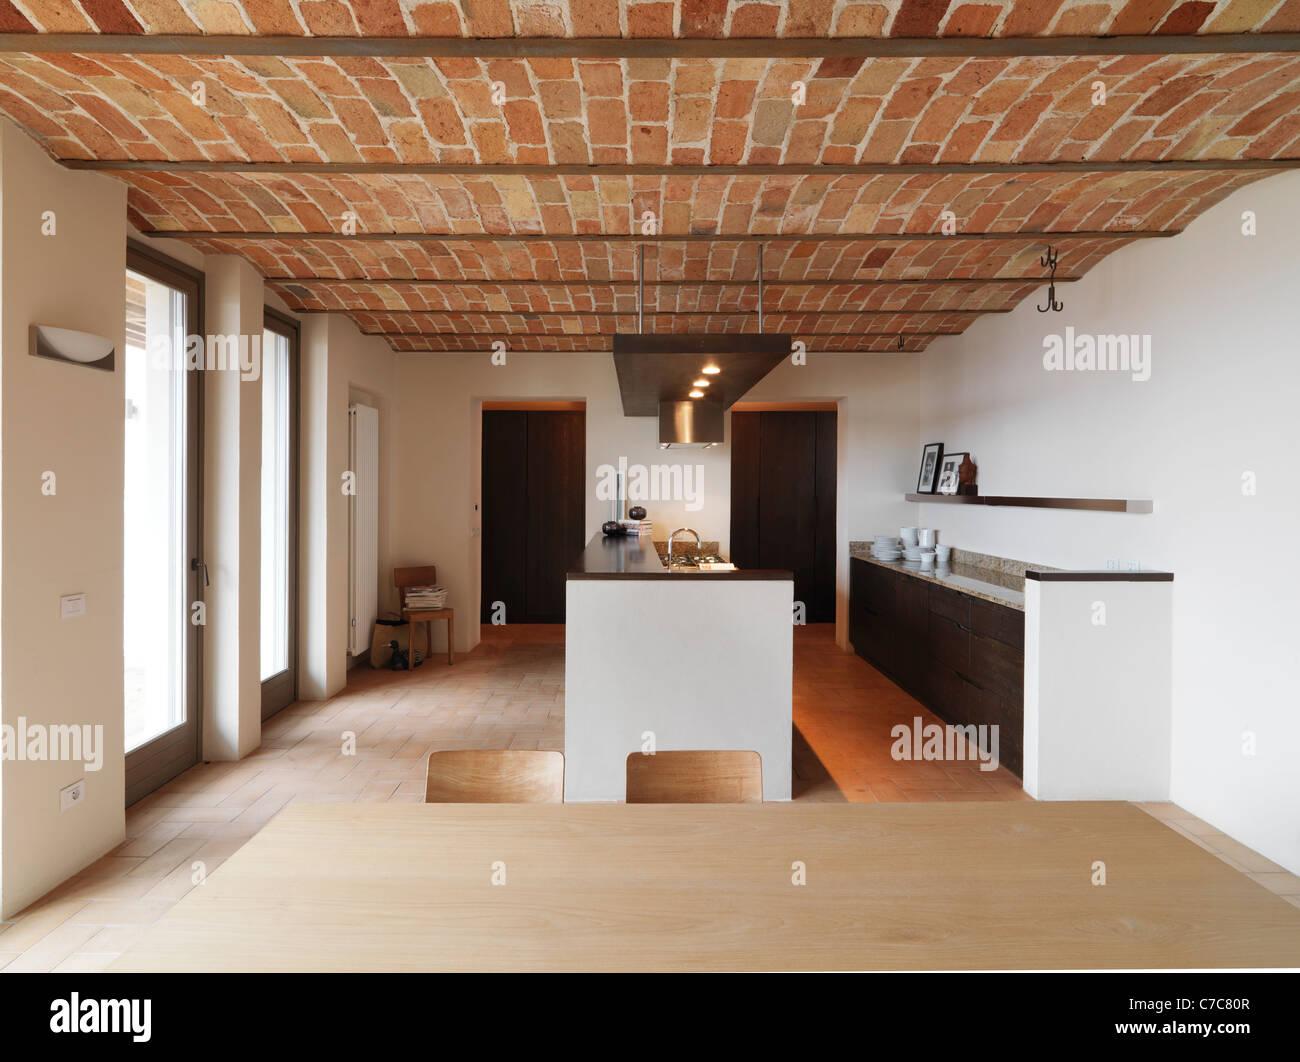 Cuisine moderne dans la maison rustique avec plafond en terre cuite ...